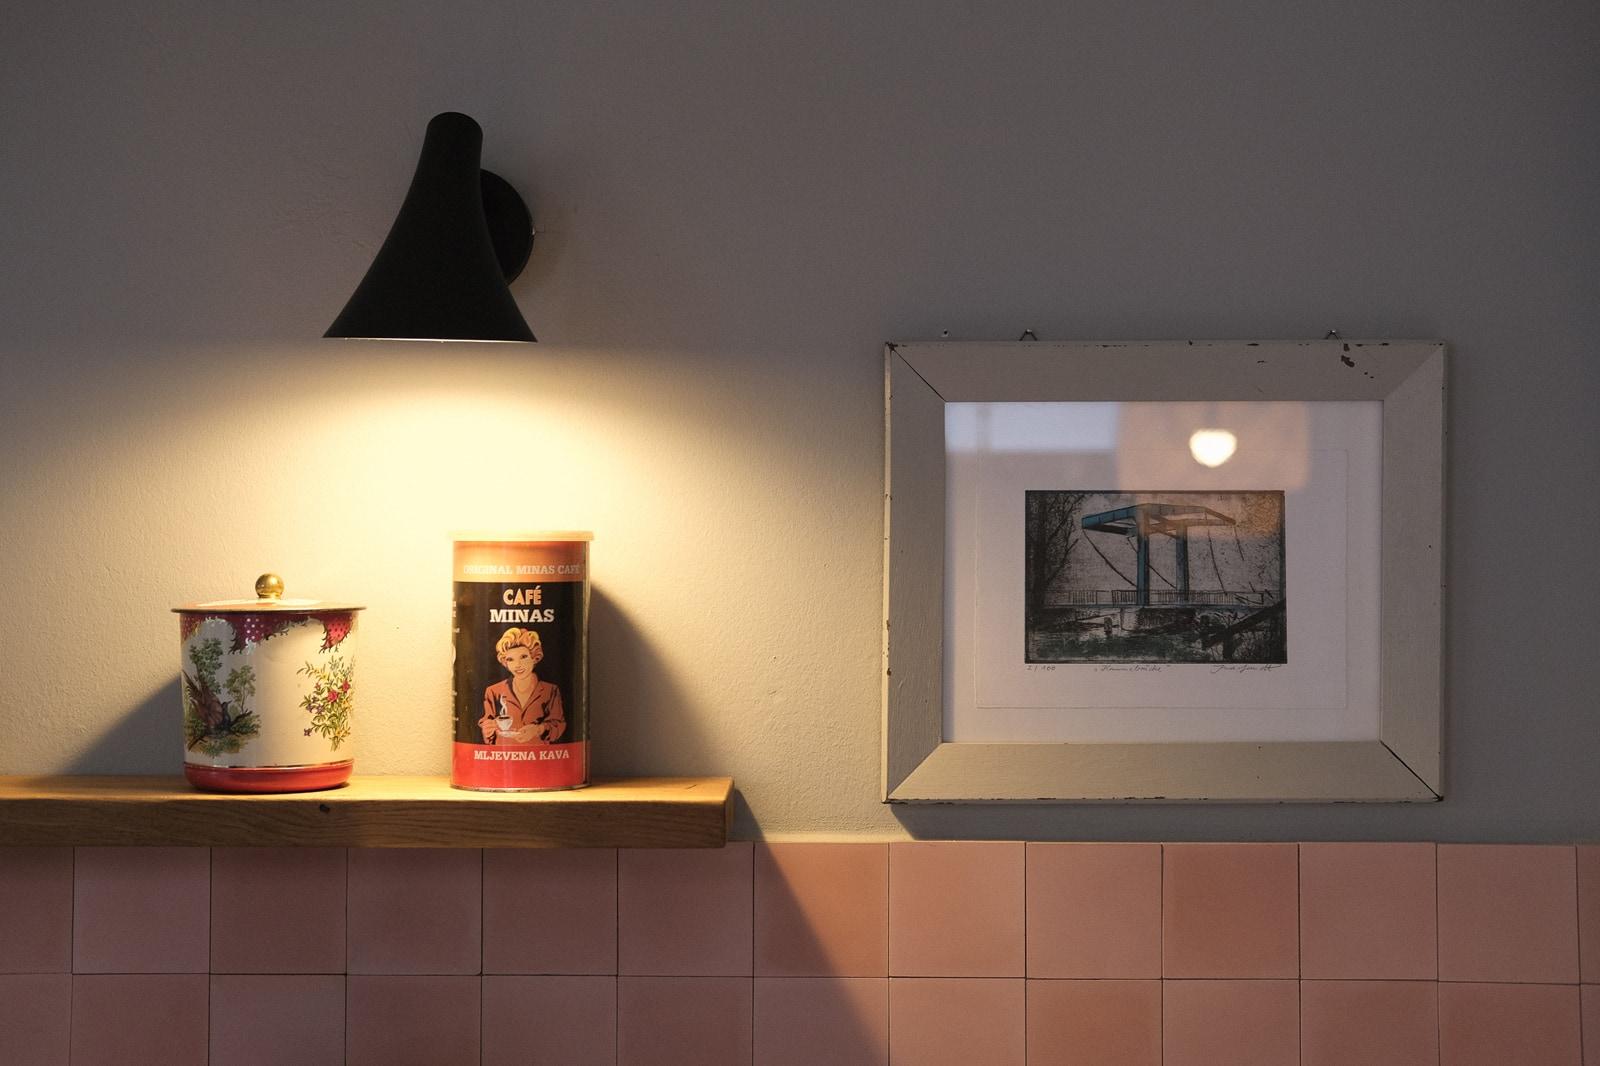 zementmosaikplatte-30-rosa-kueche-foto-Jan Meier-viaplatten |